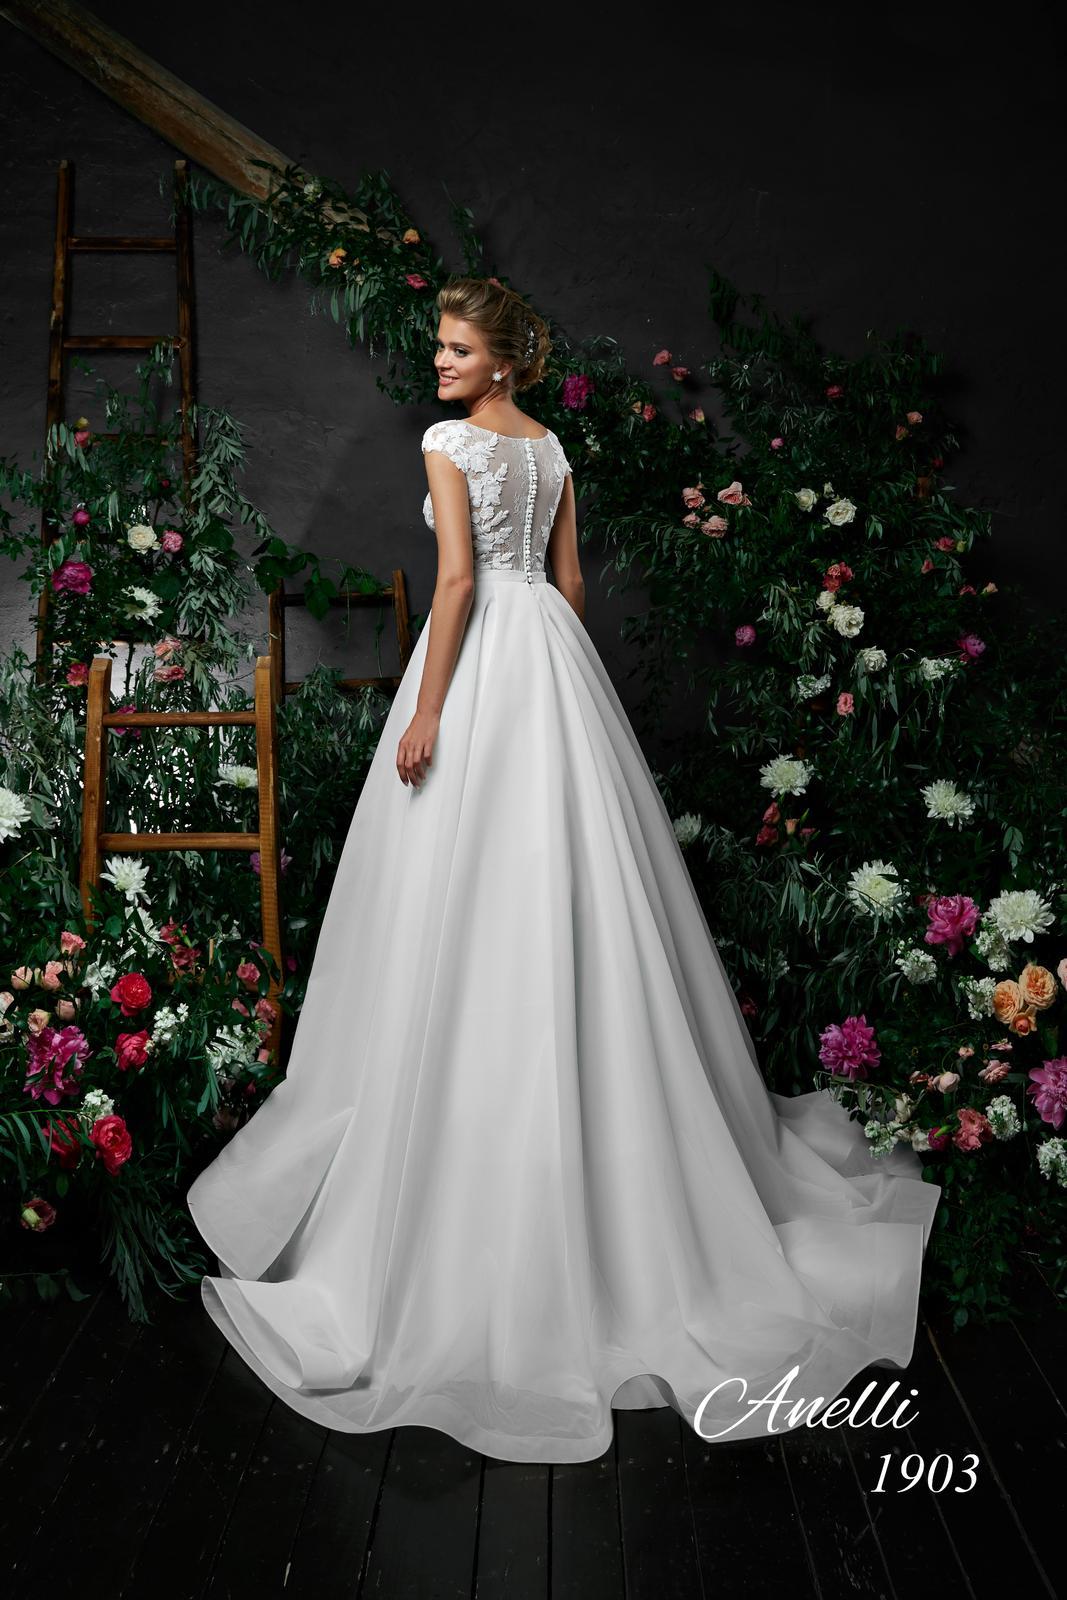 Svadobné šaty - Blossom 1903 - Obrázok č. 1